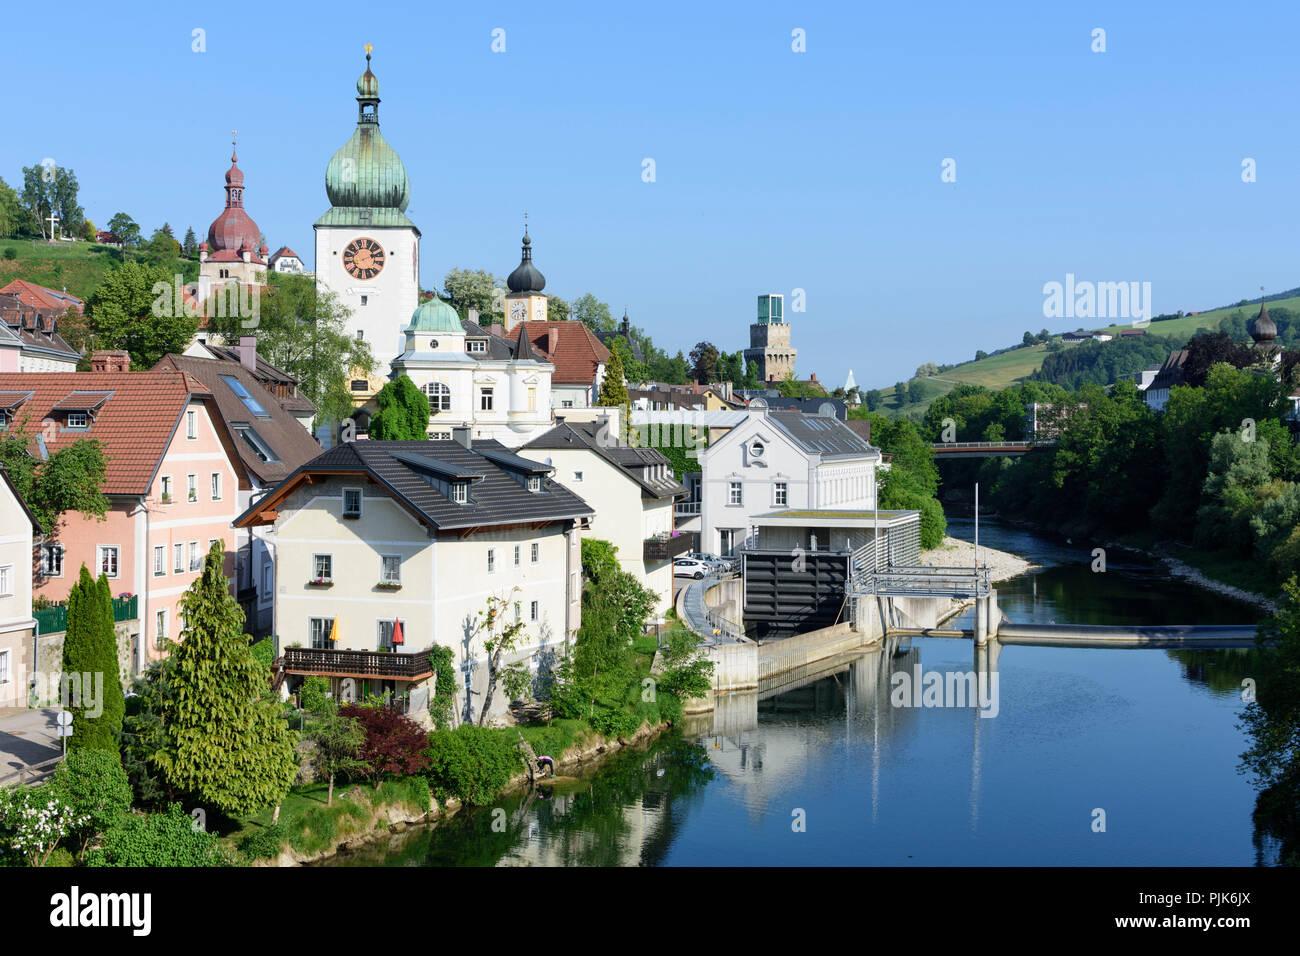 Waidhofen an der Ybbs, city center with castle Rothschildschloss, church Klosterkirche, river Ybbs in Austria, Lower Austria (Niederösterreich), Mostviertel region - Stock Image